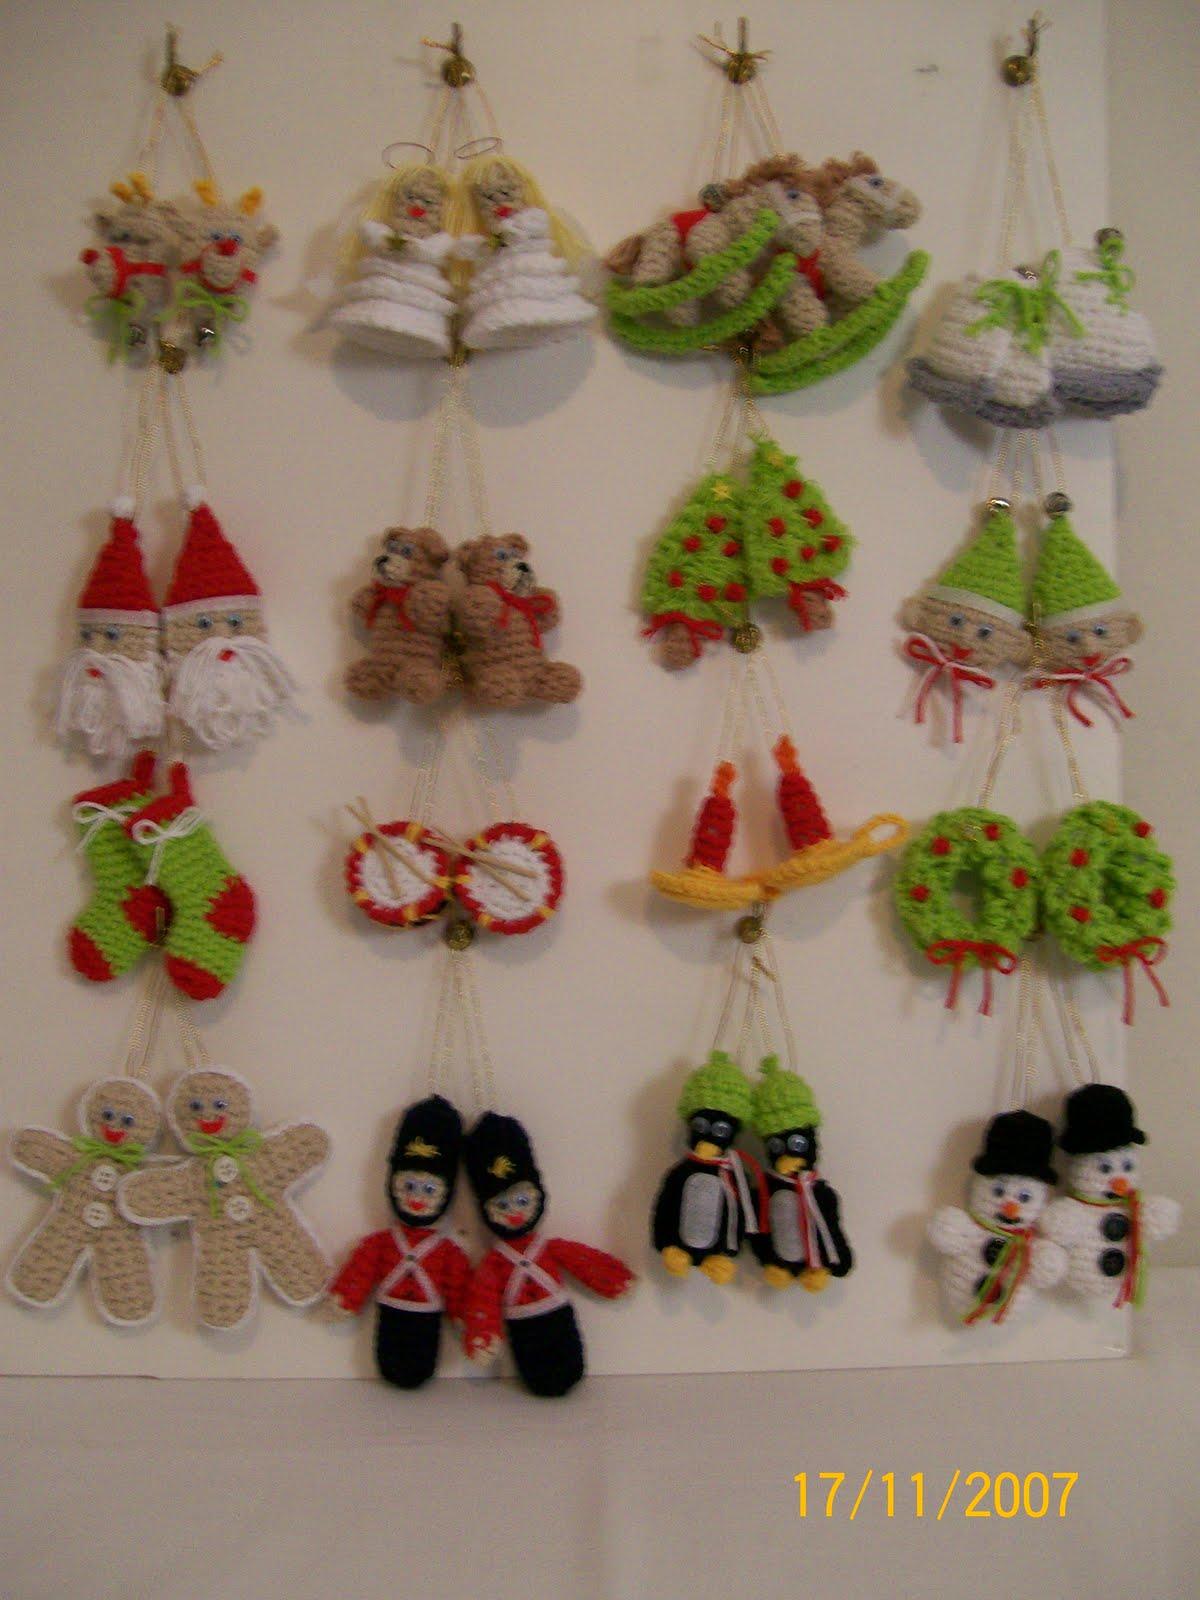 Crochet simple y delicado adornos para navidad - Adornos navidenos para el arbol ...